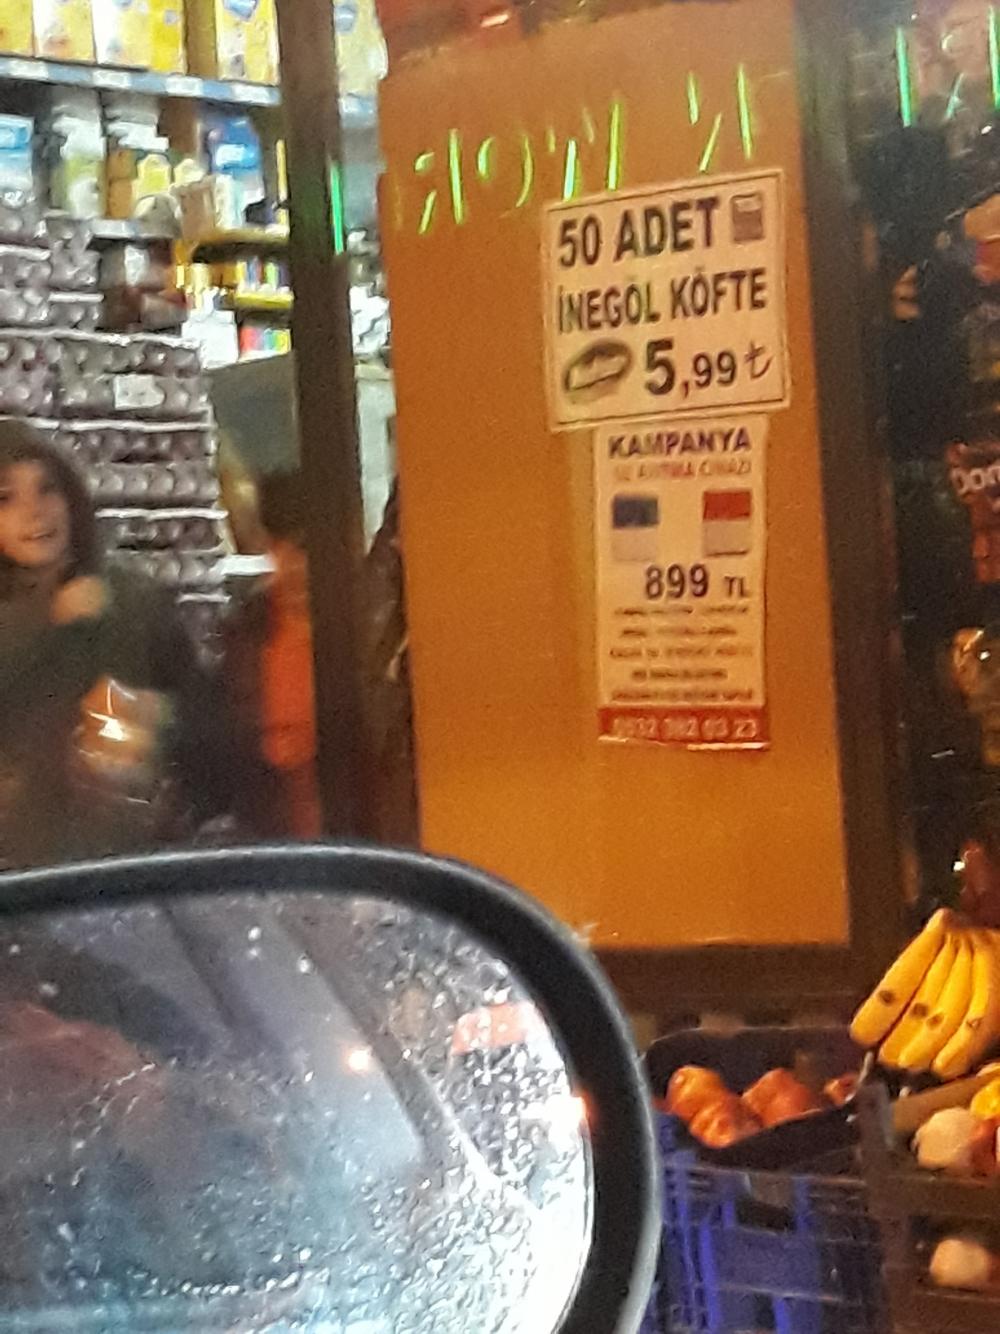 50 tane İnegöl köfteyi 6 liraya satan market hakkında ne düşünüyorsunuz?